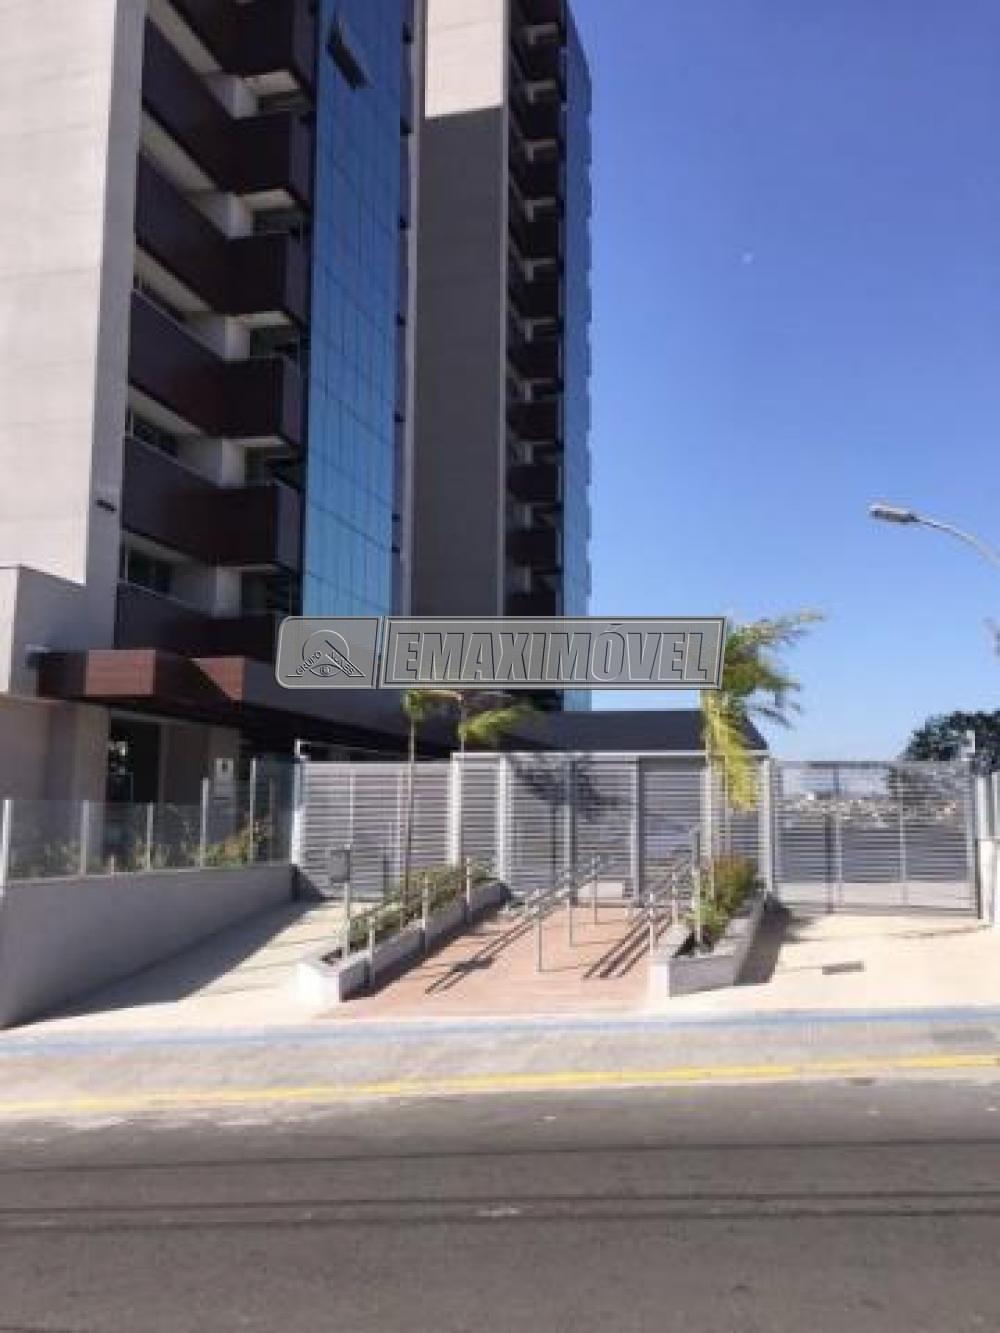 Comprar Sala Comercial / em Condomínio em Sorocaba R$ 300.000,00 - Foto 1